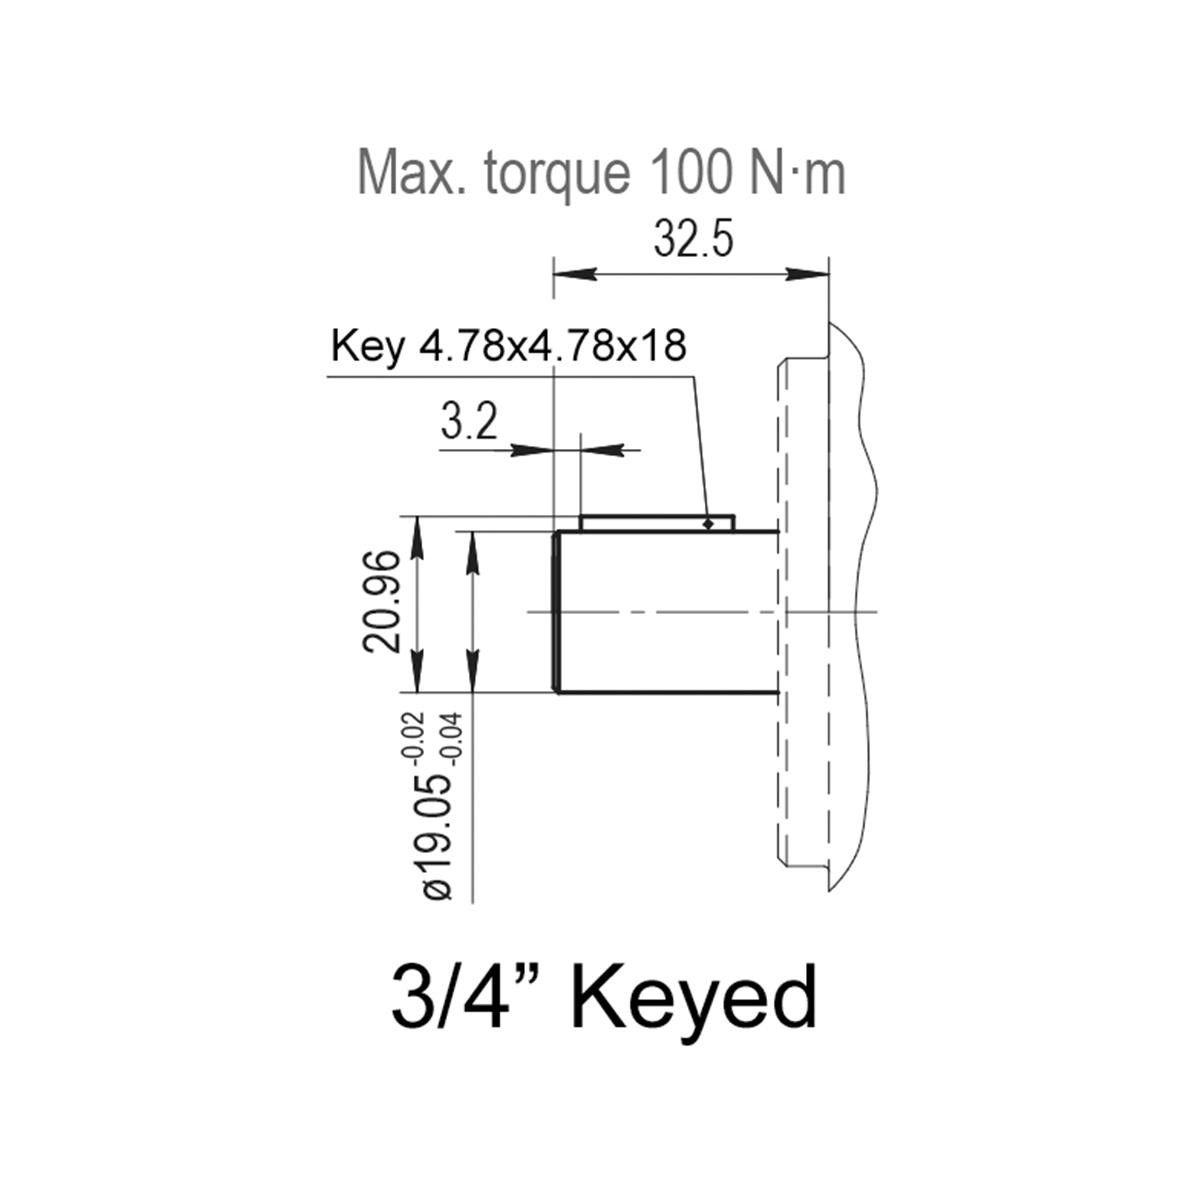 1.22 CID hydraulic gear pump, 3/4 keyed shaft clockwise gear pump | Magister Hydraulics